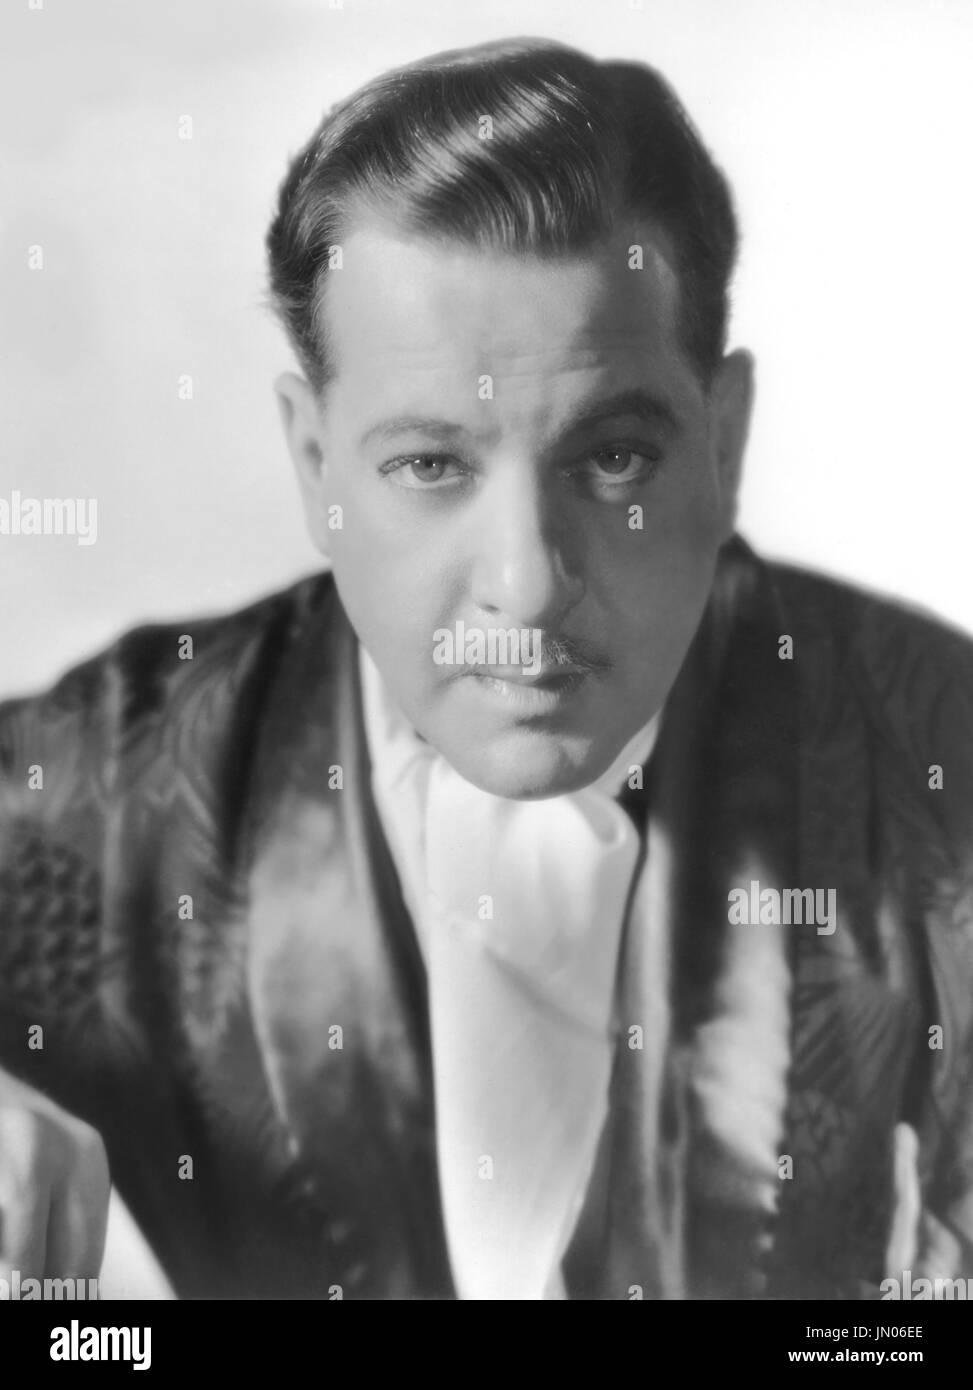 Actor Alan Dinehart, Publicity Portrait, 1930's - Stock Image